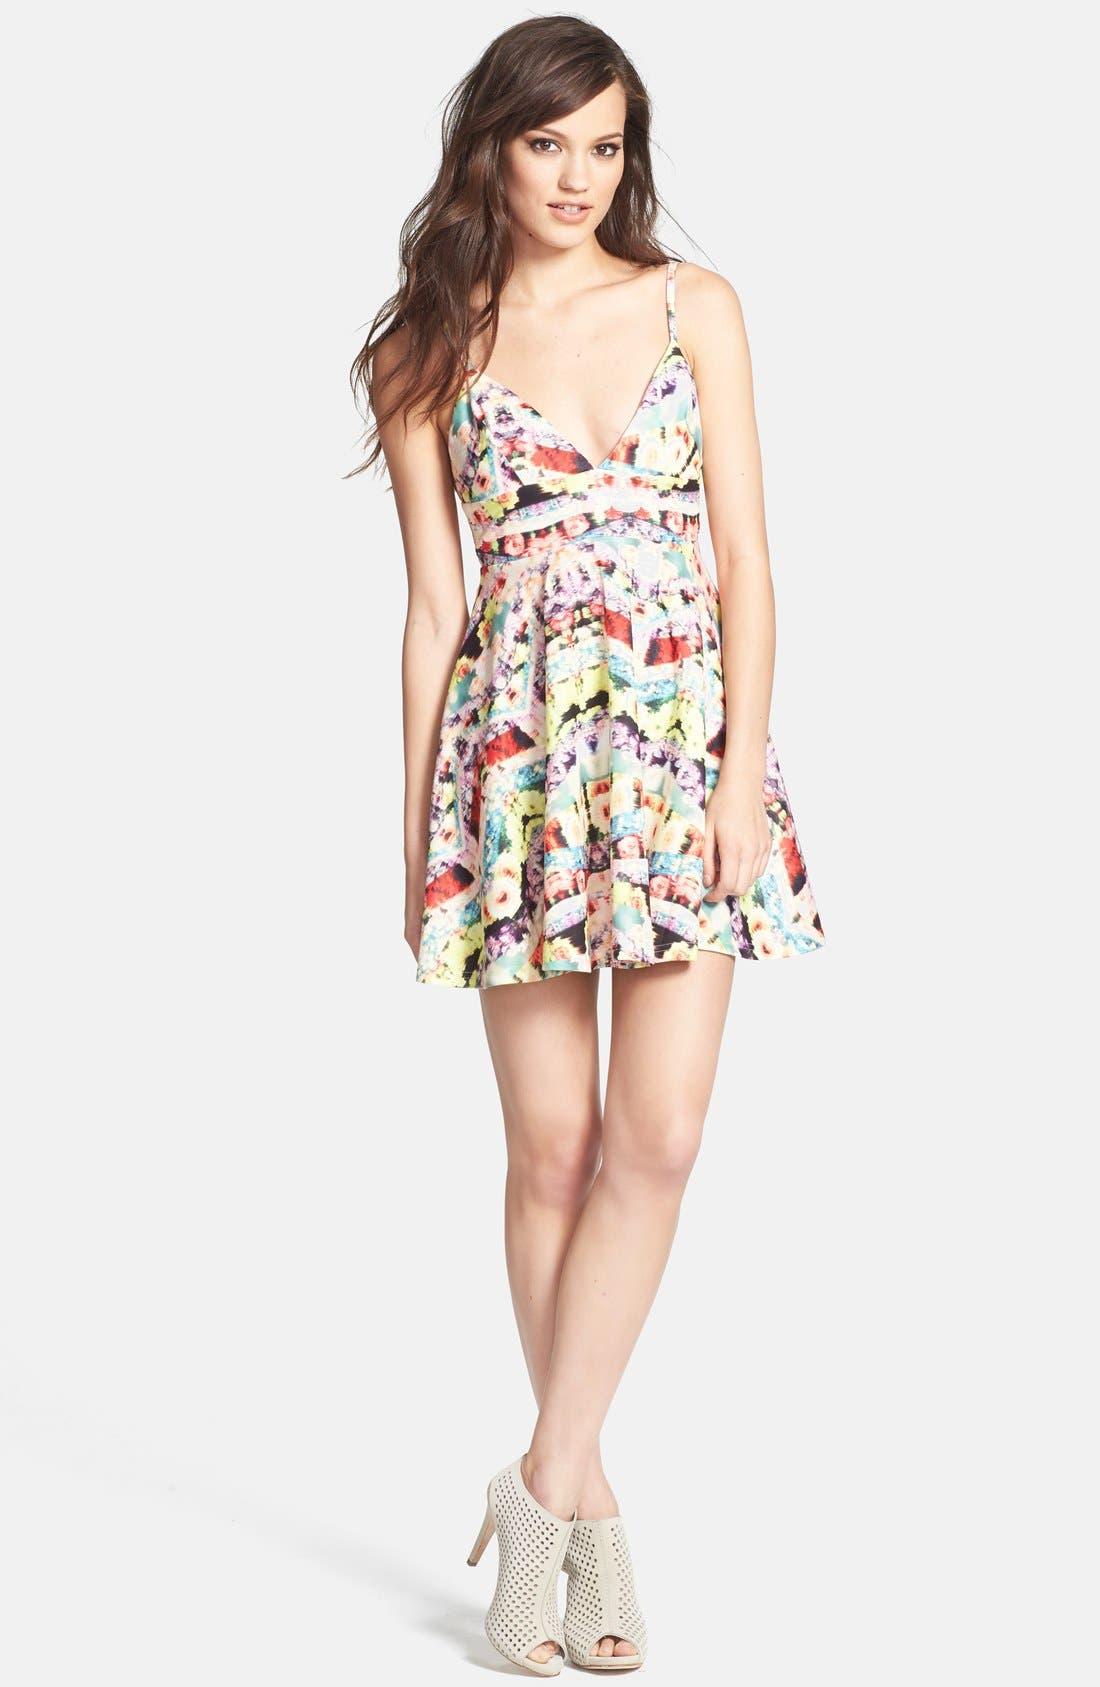 Alternate Image 1 Selected - MINKPINK 'Spring Wave' Print Fit & Flare Dress